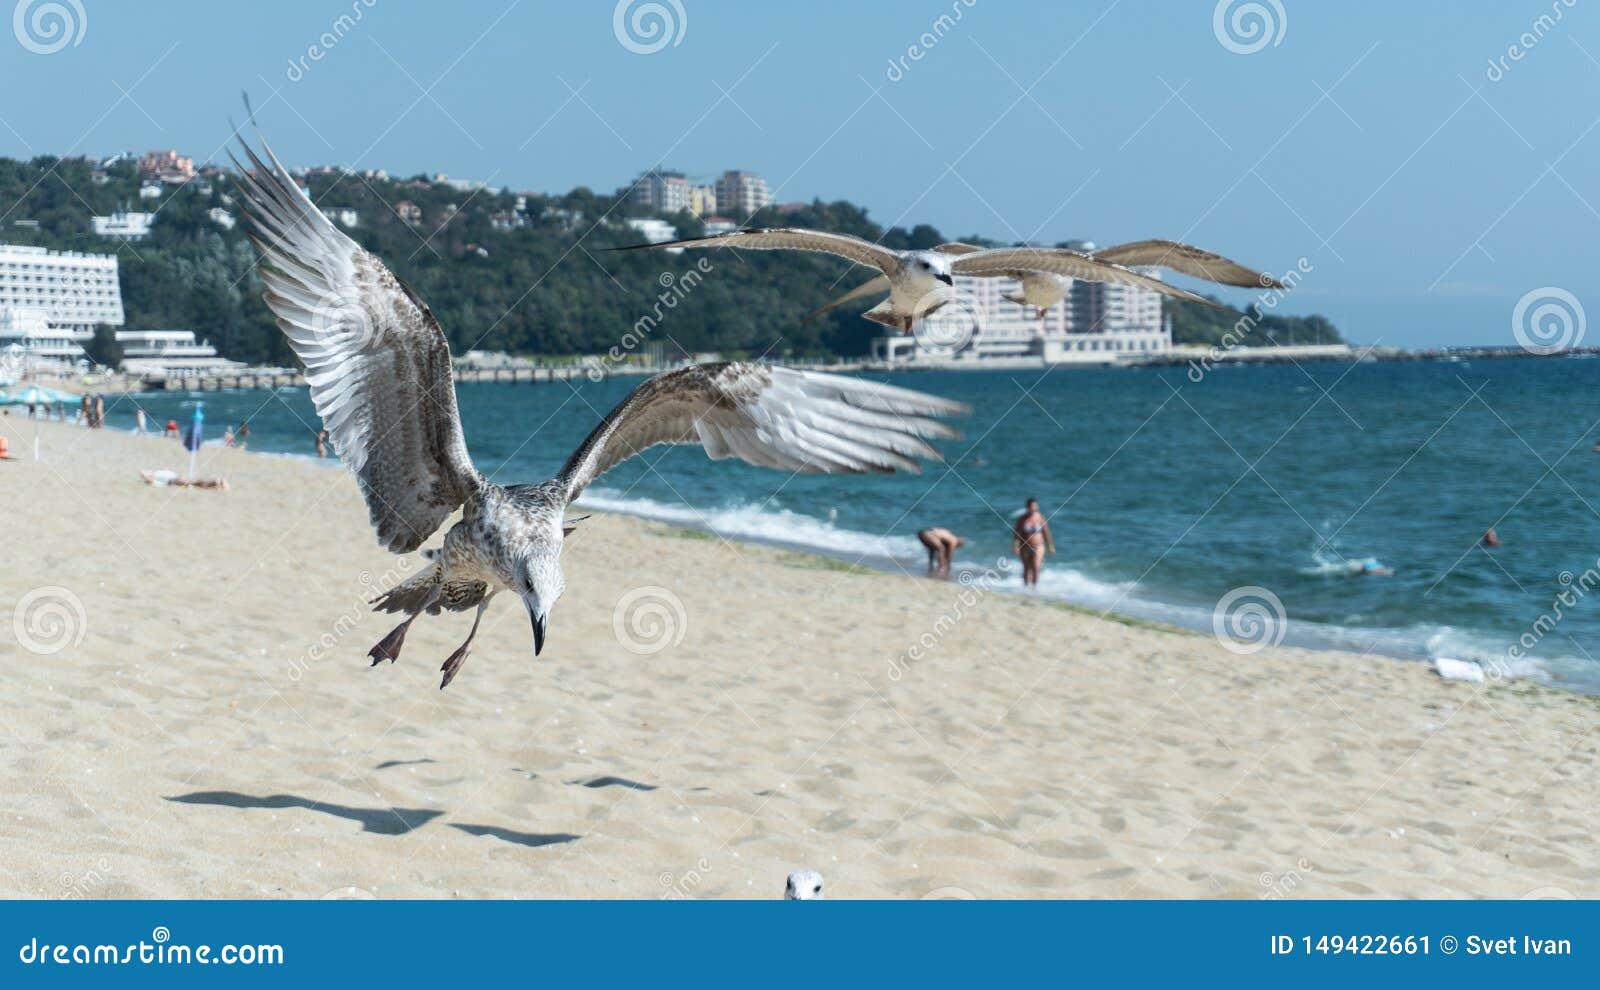 Mouette sur la plage, la Mer Noire